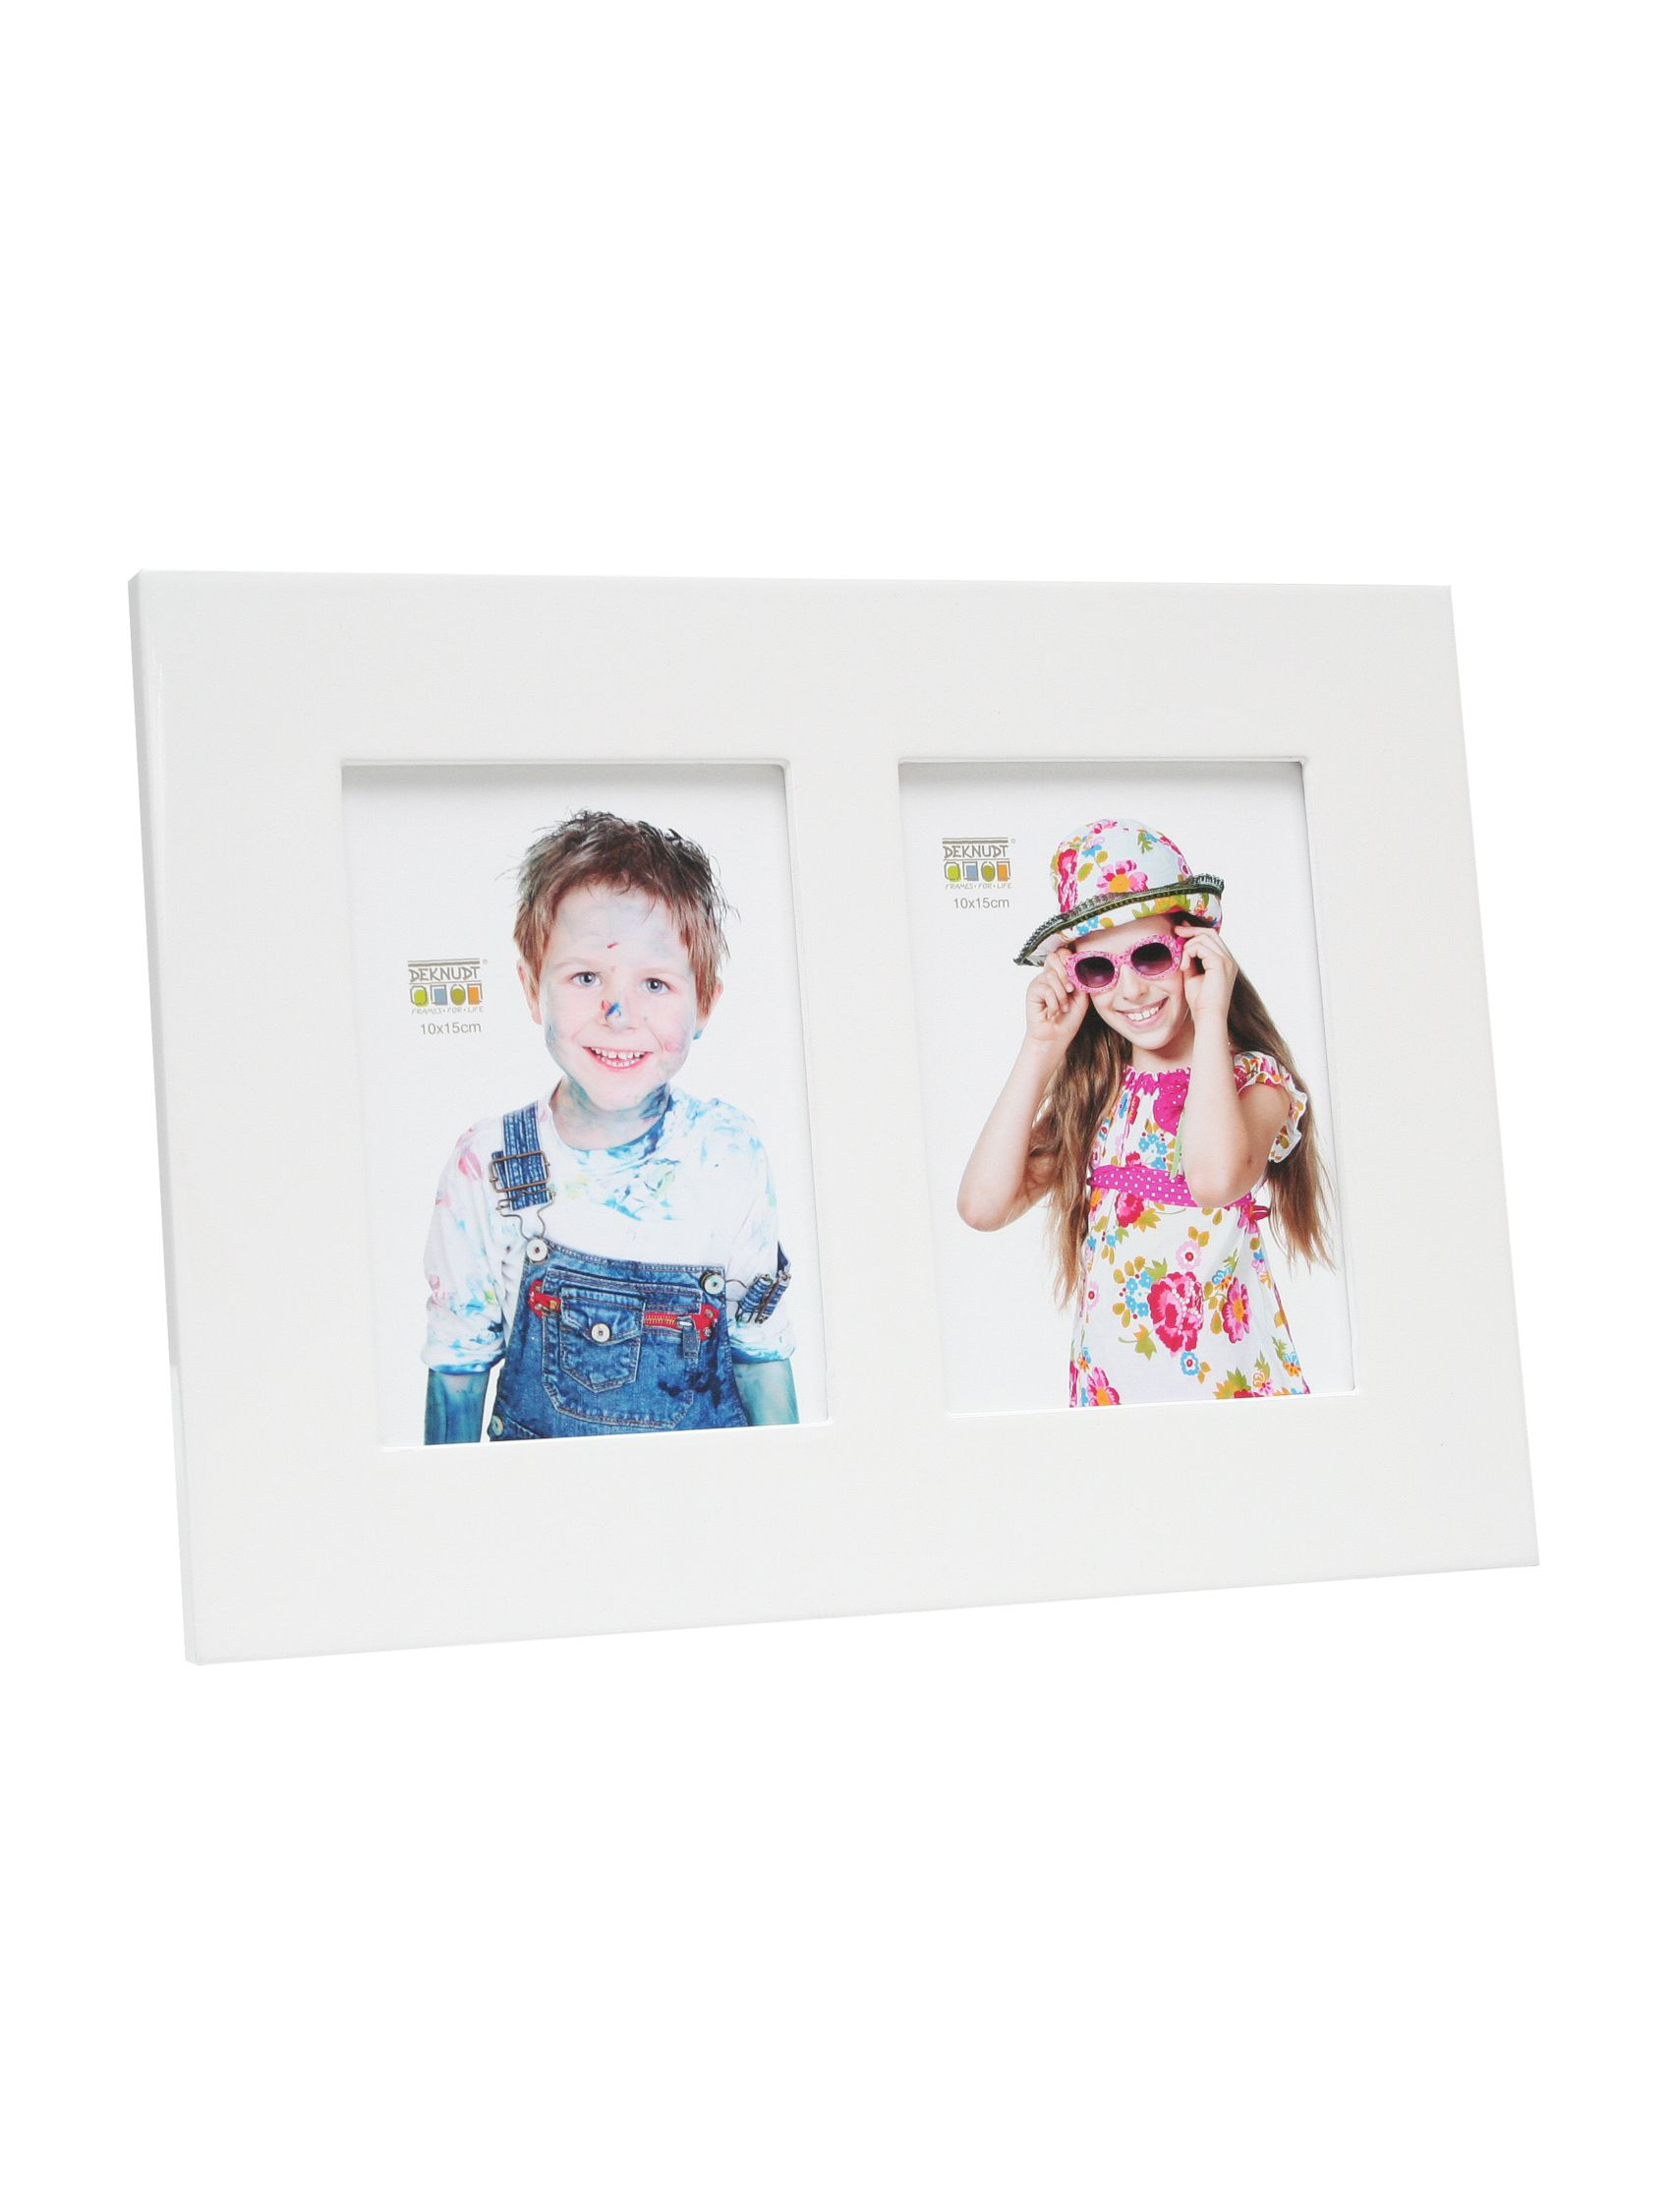 fotokader hoogglans wit, voor 2 foto's S66WK1 P2